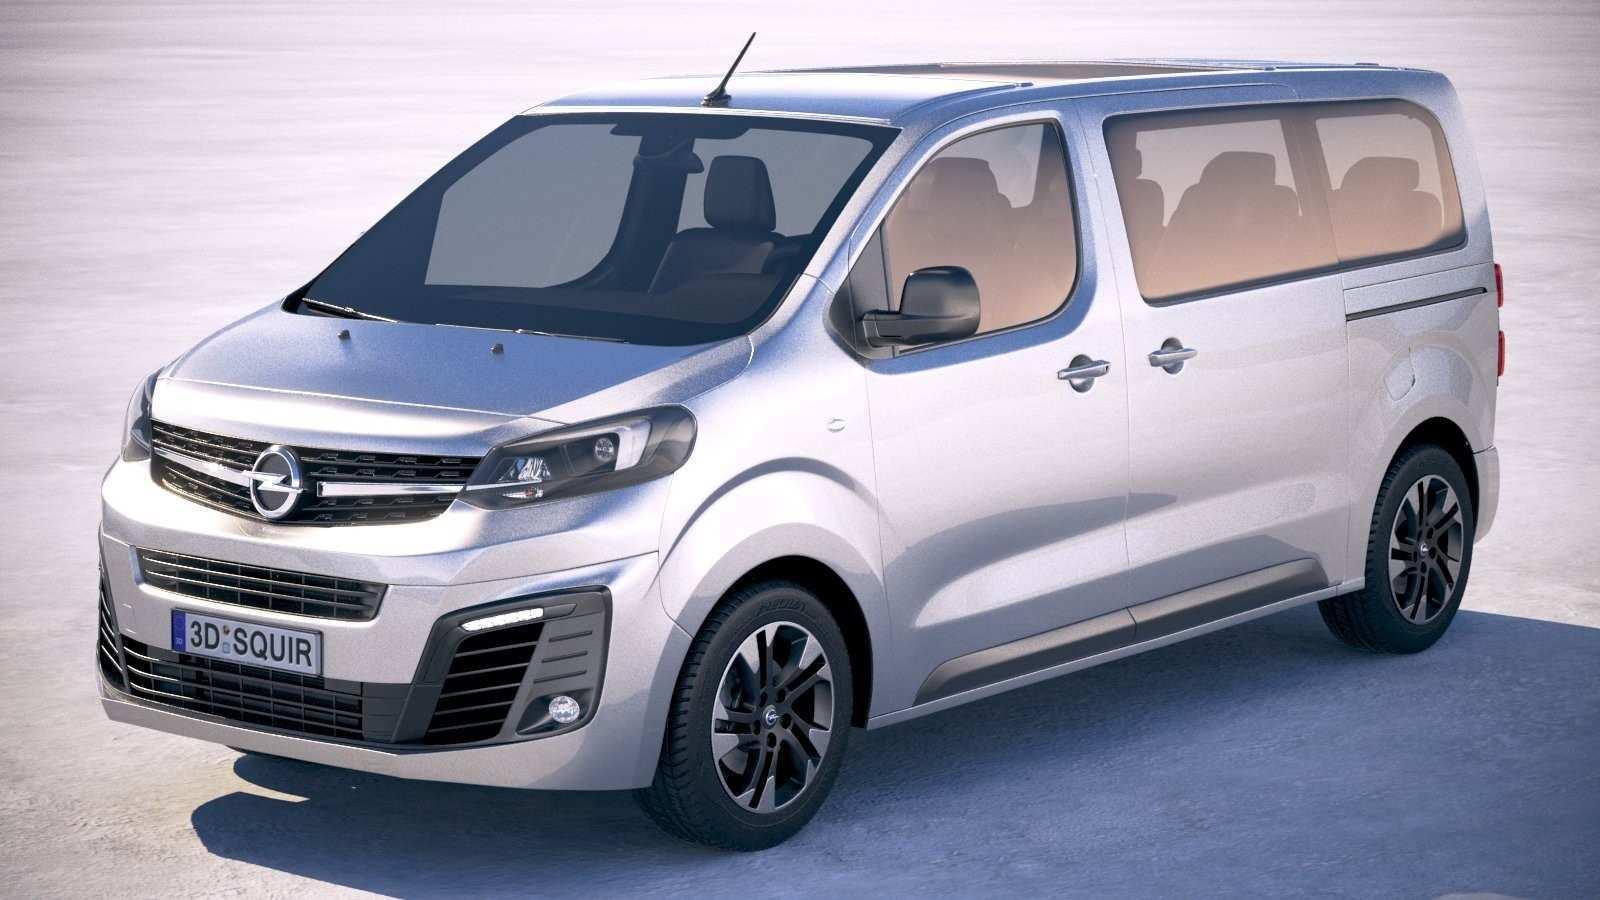 49 All New Opel Zafira 2020 Review by Opel Zafira 2020